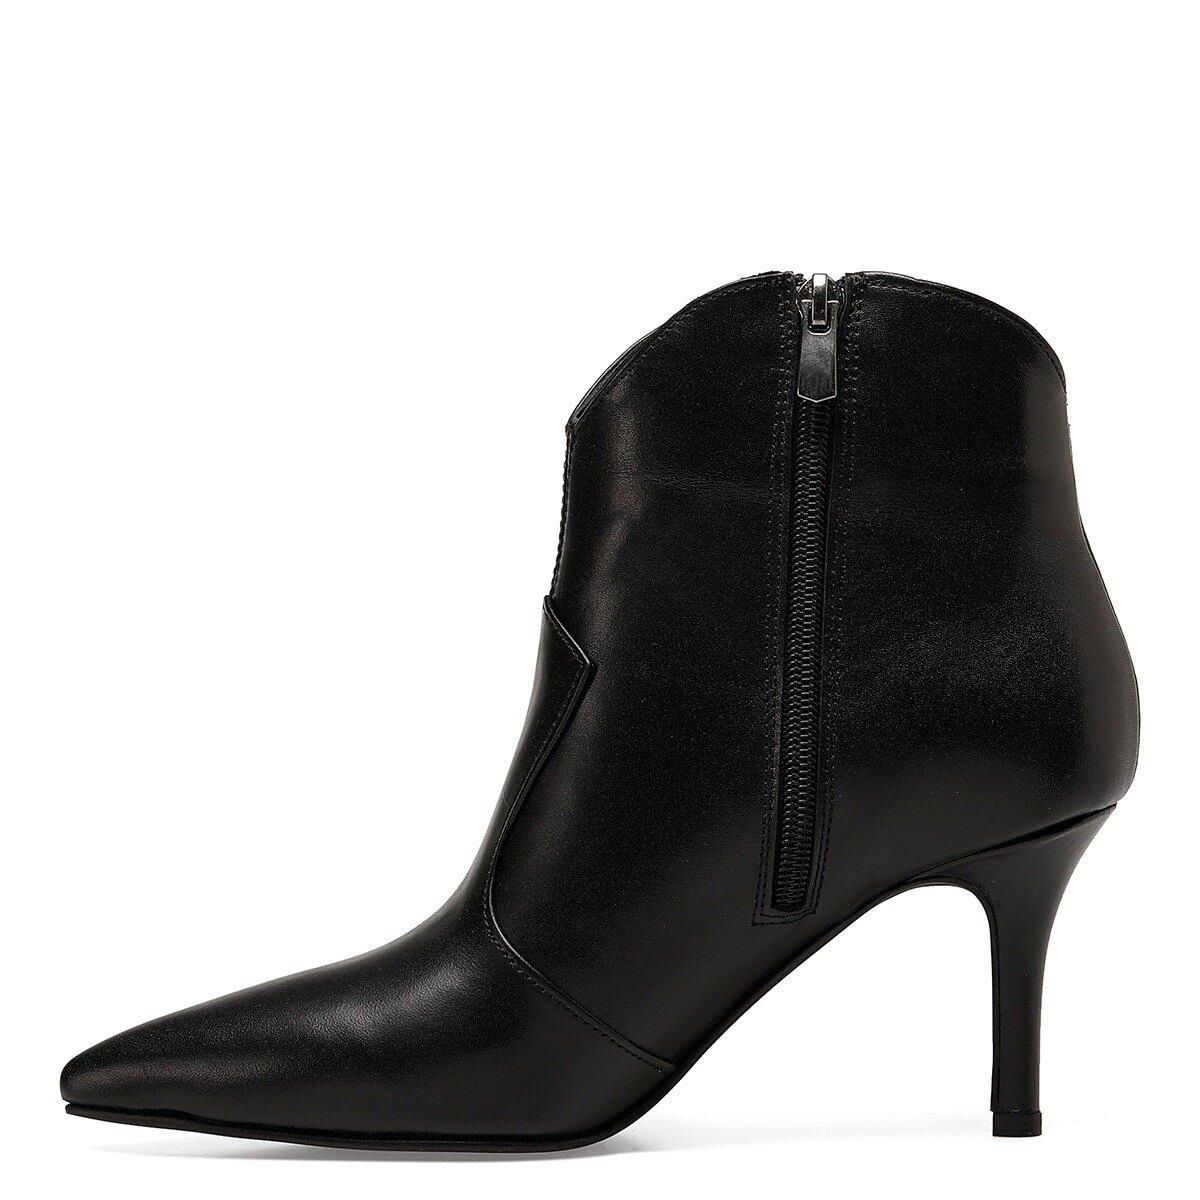 WINCO Siyah Kadın Topuklu Ayakkabı